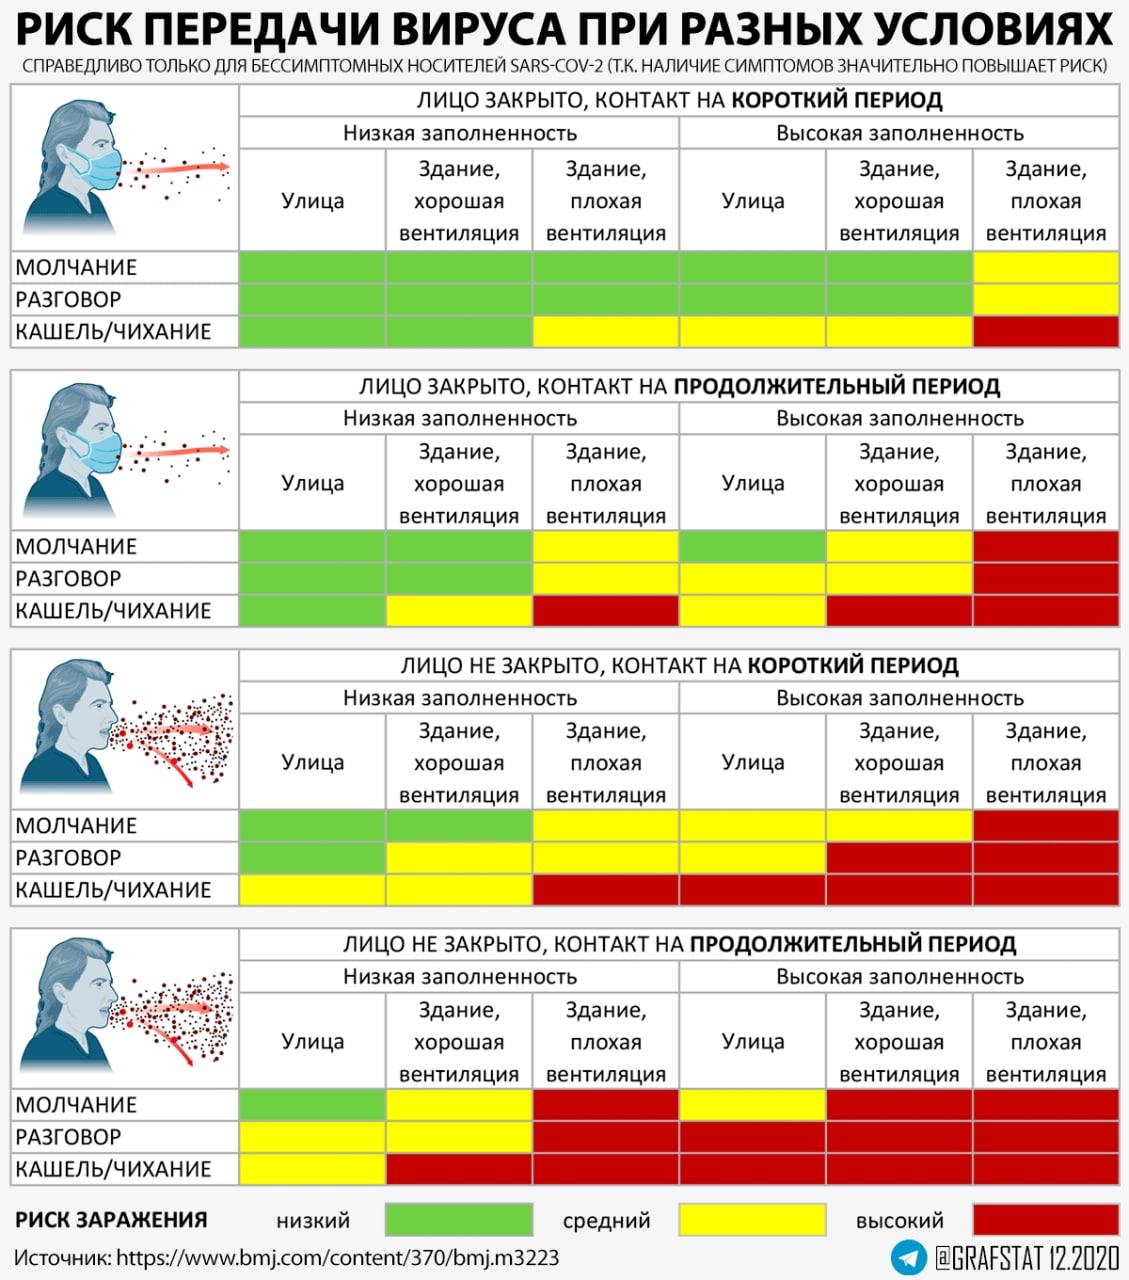 Оценка риска заразиться SARS-CoV-2